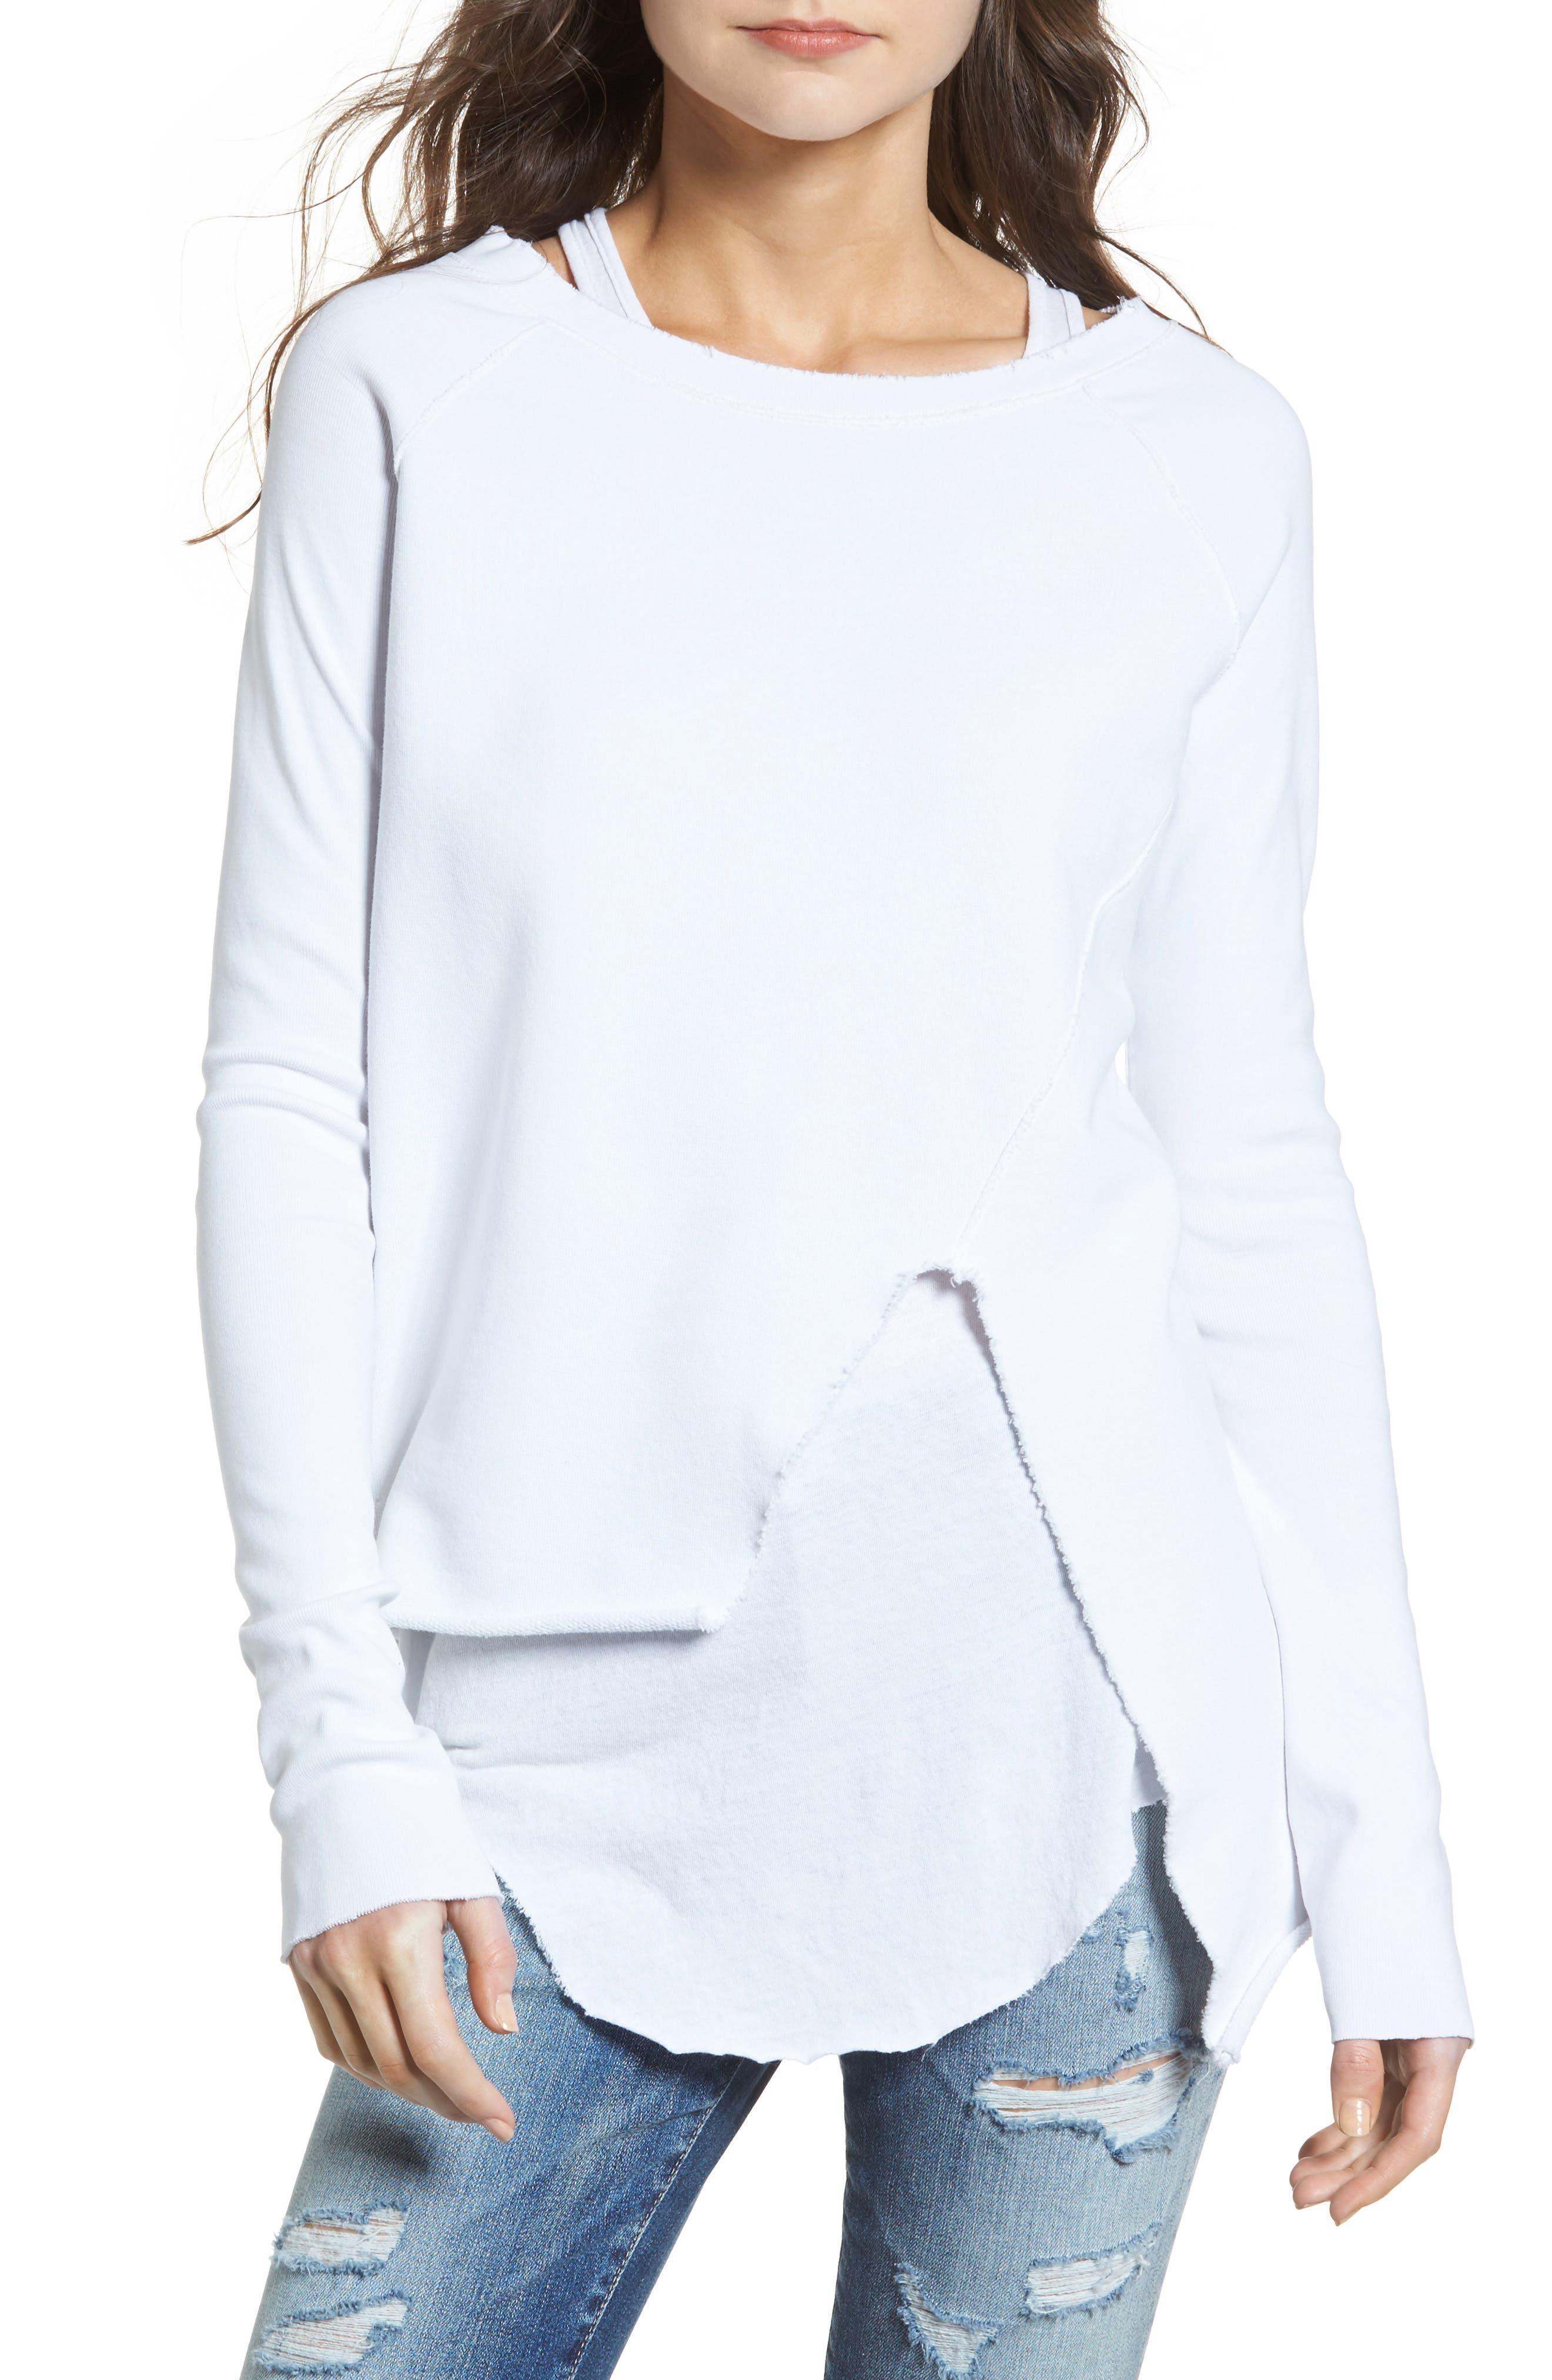 Alternate Image 1 Selected - Frank & Eileen Tee Lab Asymmetrical Sweatshirt